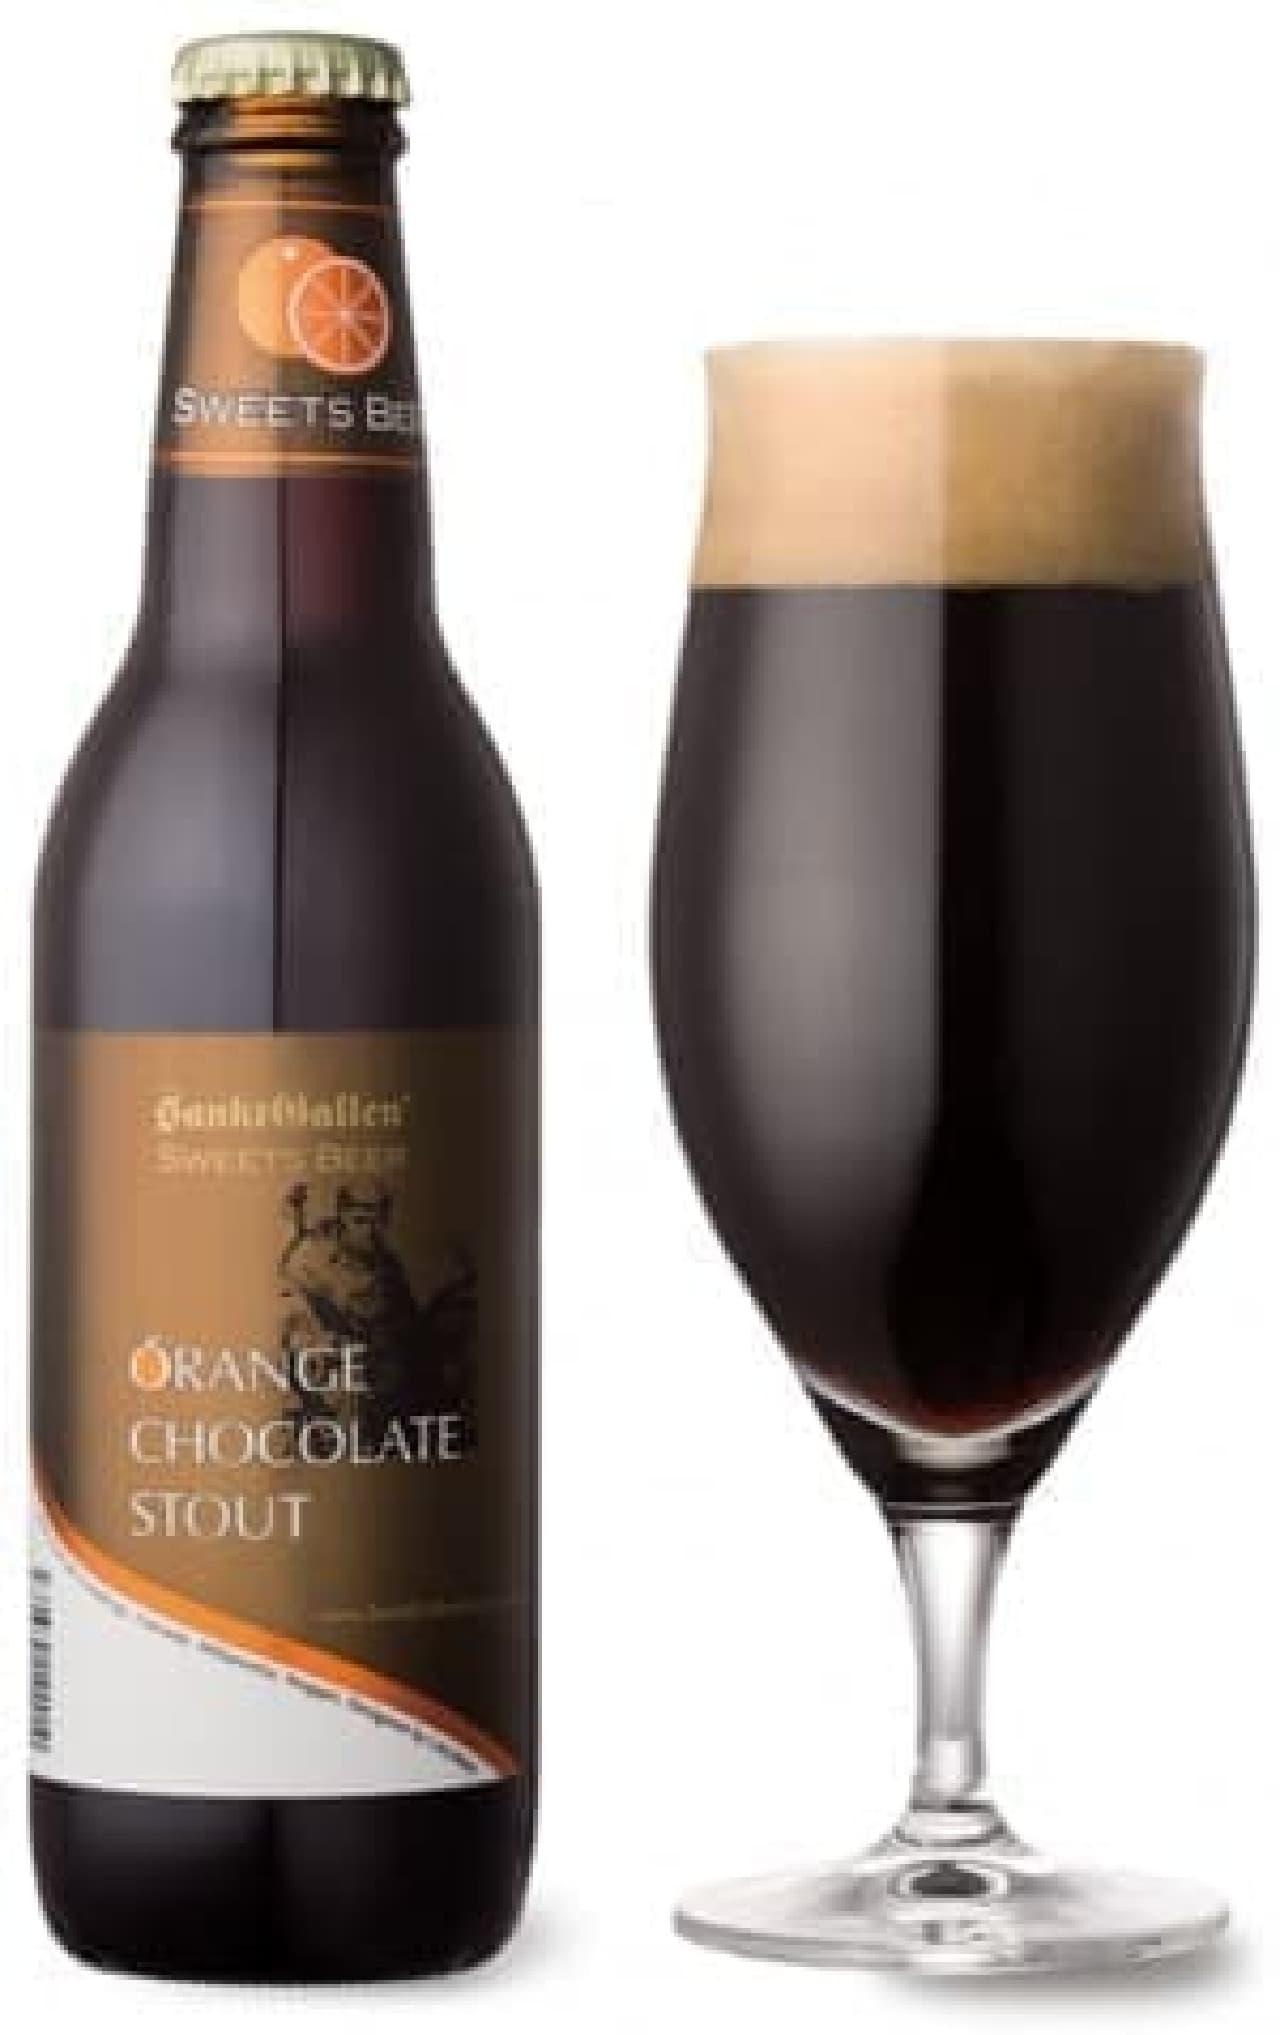 サンクトガーレンのチョコビール「オレンジチョコレートスタウト」